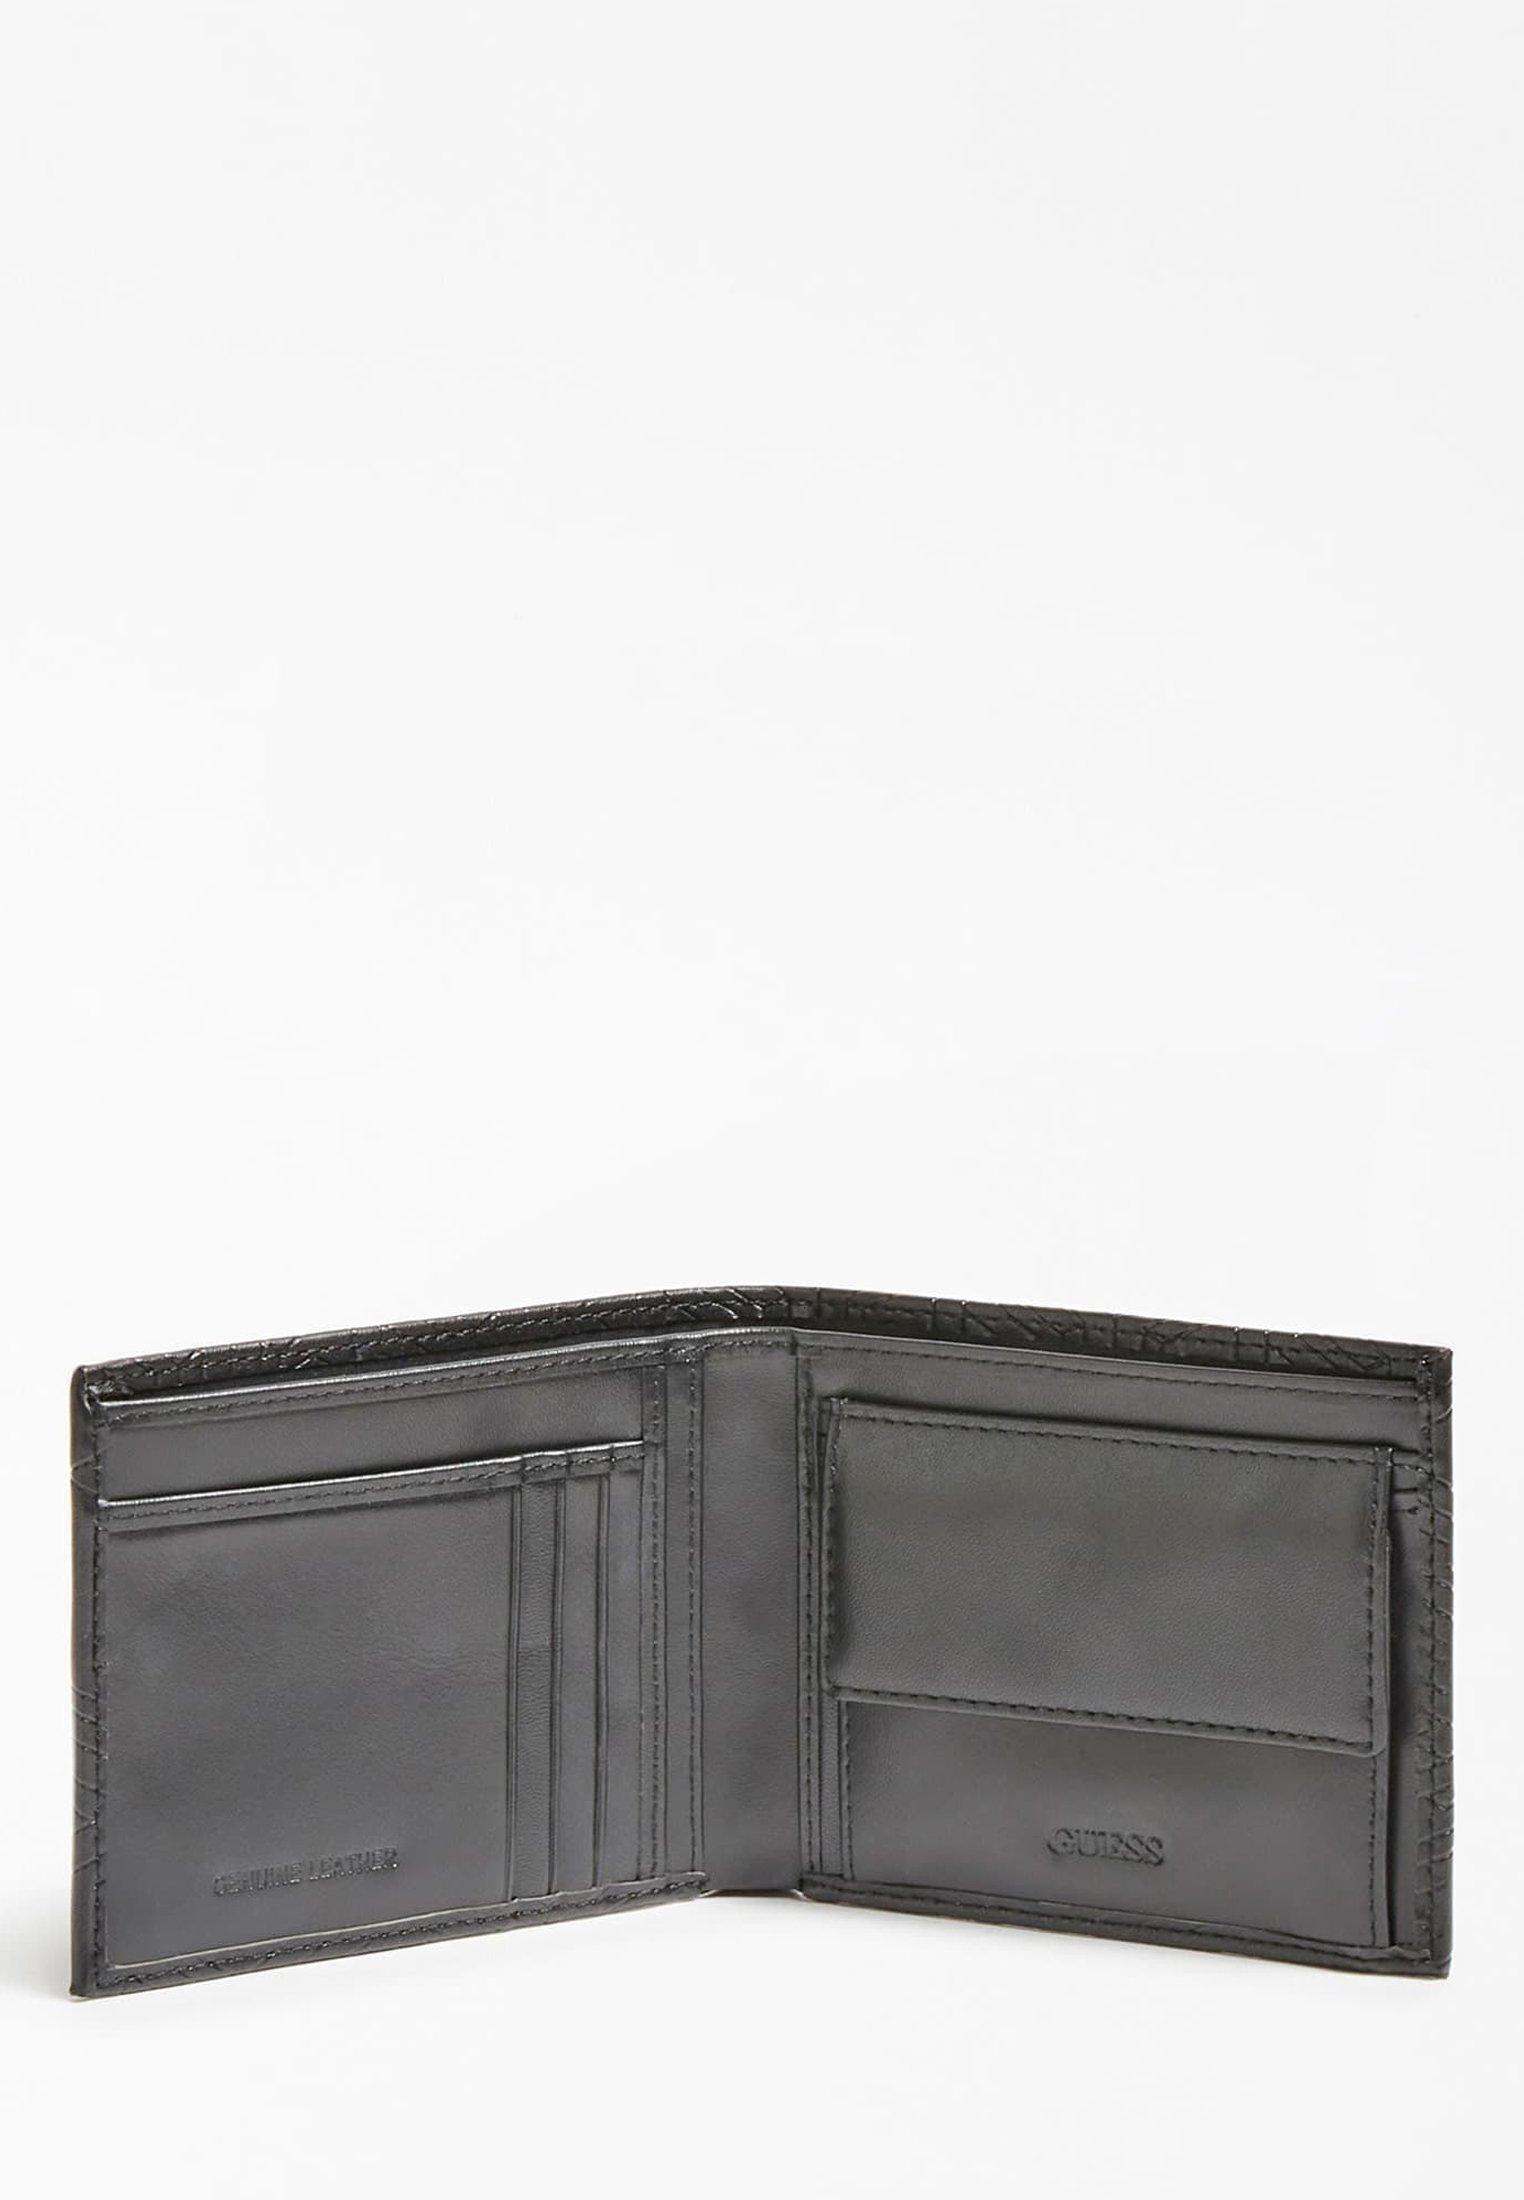 Guess Geldbörse - noir/schwarz - Herrentaschen vt44z